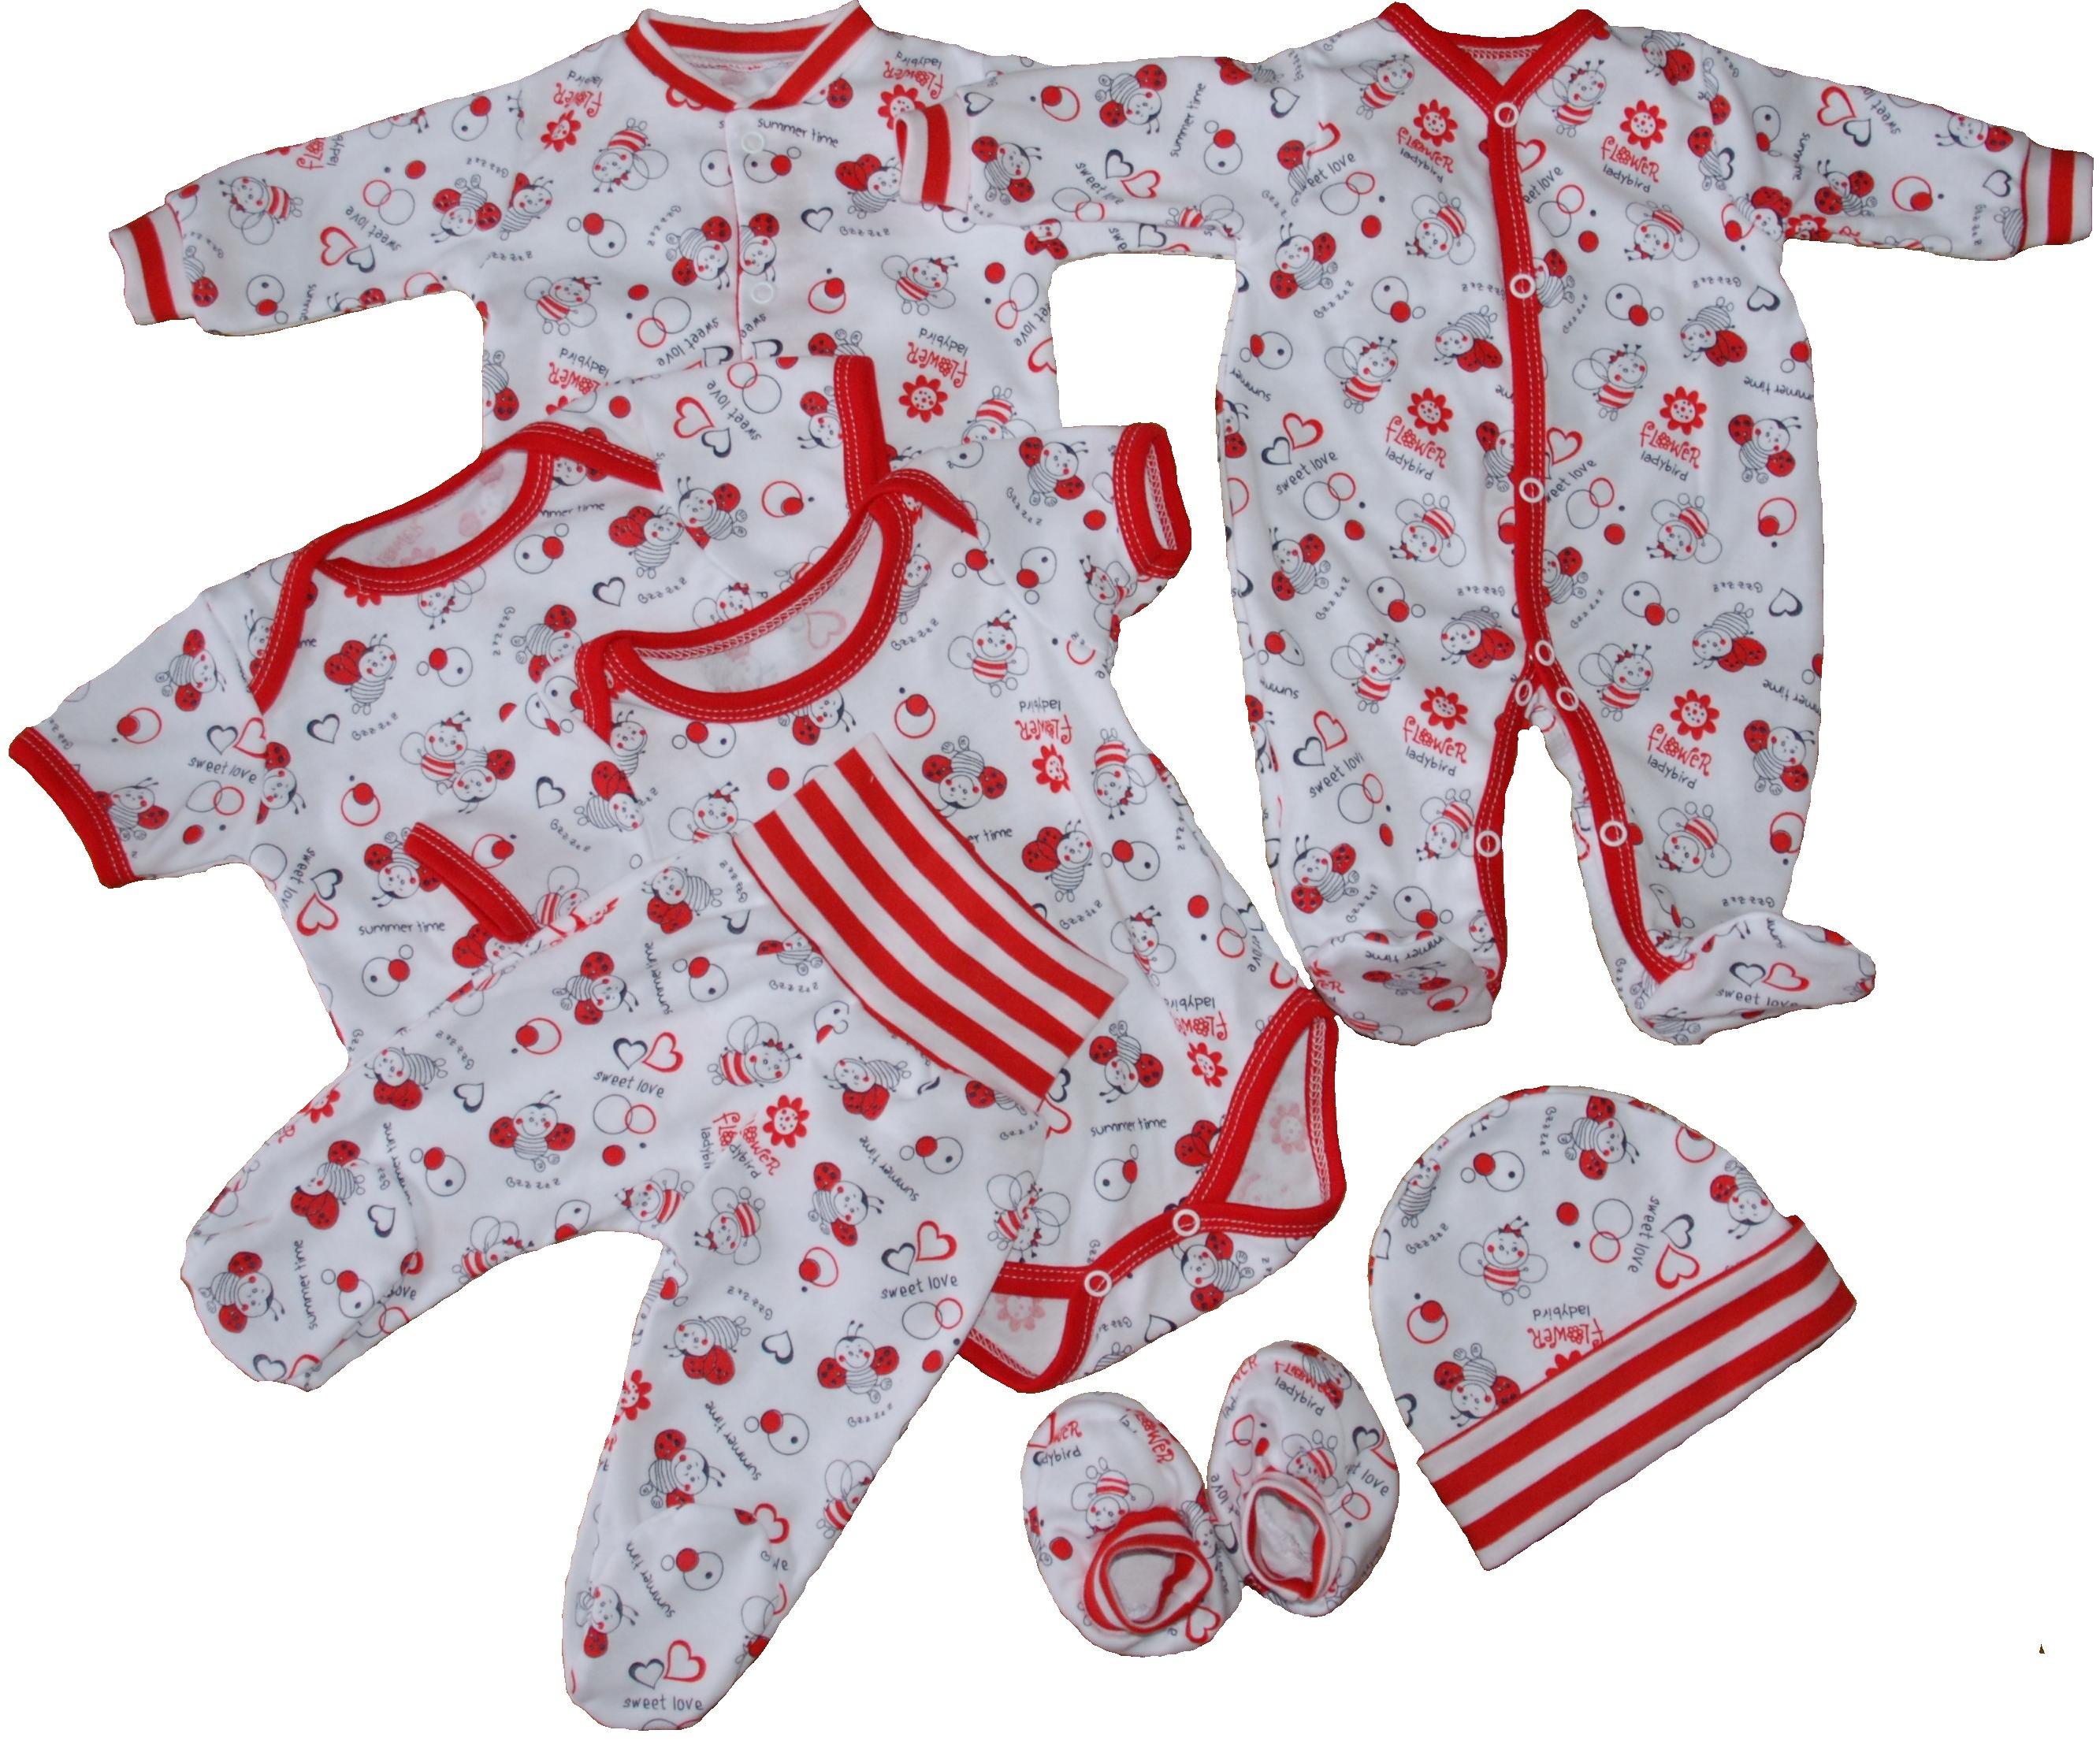 kojenecké oblečení s beruškou 70e8570b65